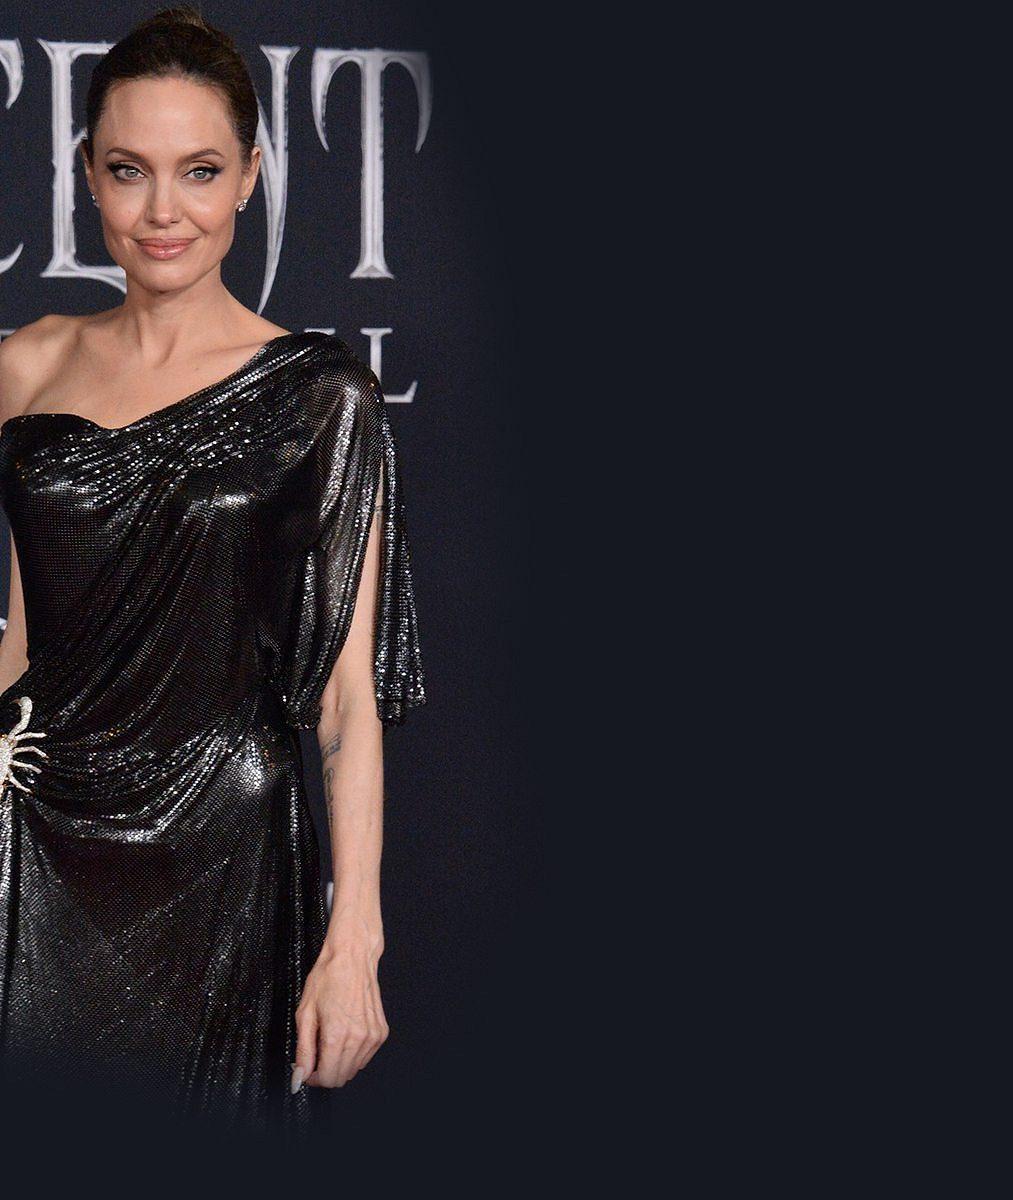 Jolie vyvedla na premiéru ratolesti: Vposlední době jsem se cítila malá, ohrožená azahnaná do kouta, svěřila